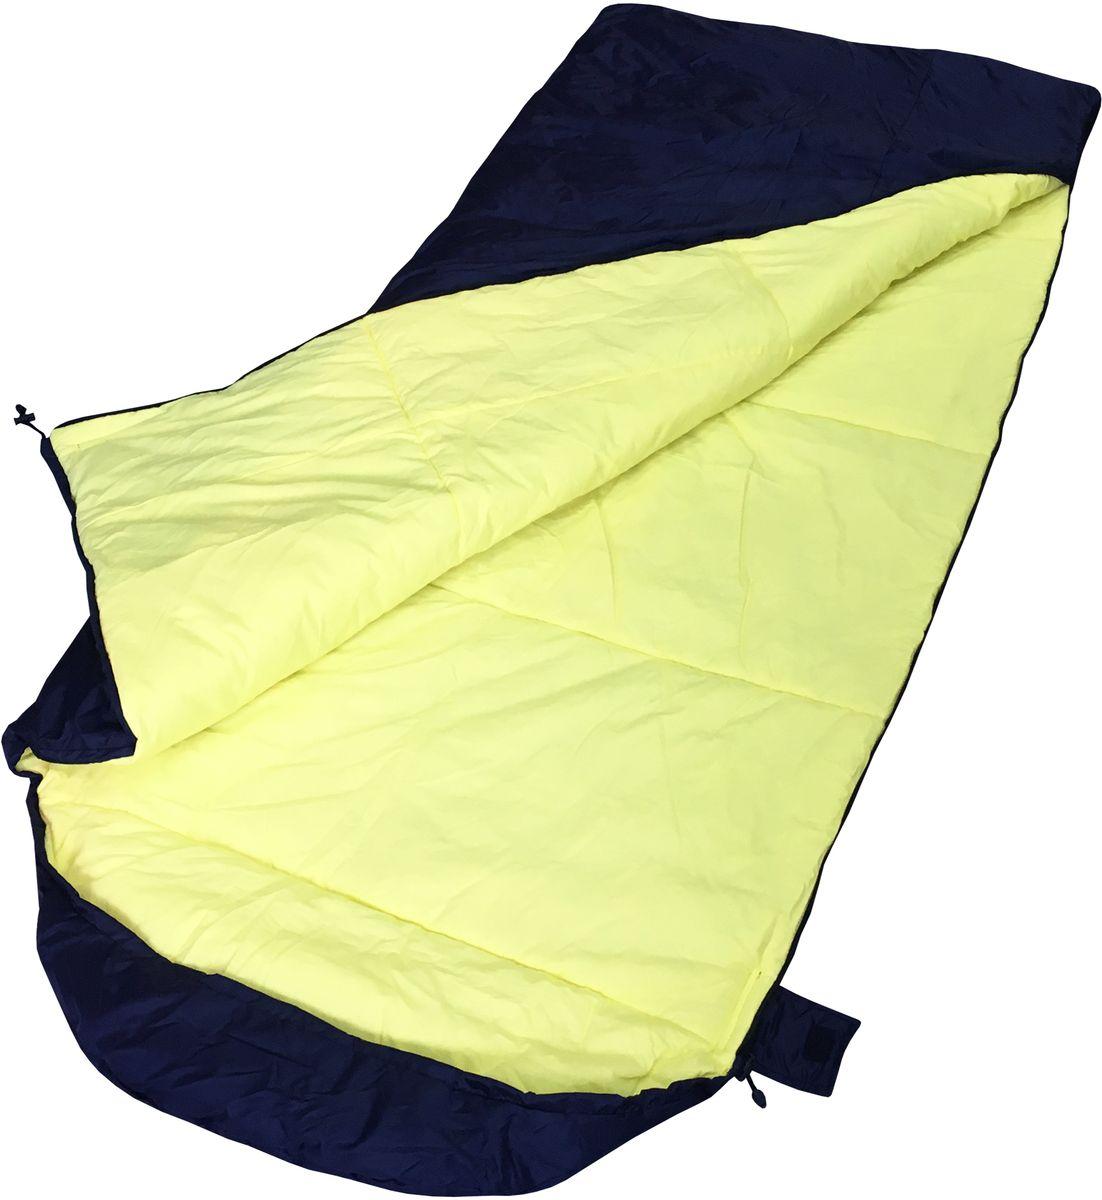 Спальный мешок-одеяло Campland Lammin 250, правосторонняя молнияP7.2 NДвухслойный с подголовником, для холодной погоды. Наполнитель холлофайбер 300г/м. Двухслойный с подголовником, для холодной погоды. Регулировка объема подголовника с помощью шнурка. Отсутствие наружной стежки. Усиленная молния с двойным замком (возможность укрываться изнутри, а также липа для фиксации). Упакован в компрессионный мешок. Размер в сжатом виде 25 х 50. Ткань основа Oxford. Ткань внутренняя Бязь 100%ХБ. Размер 90 х 220.